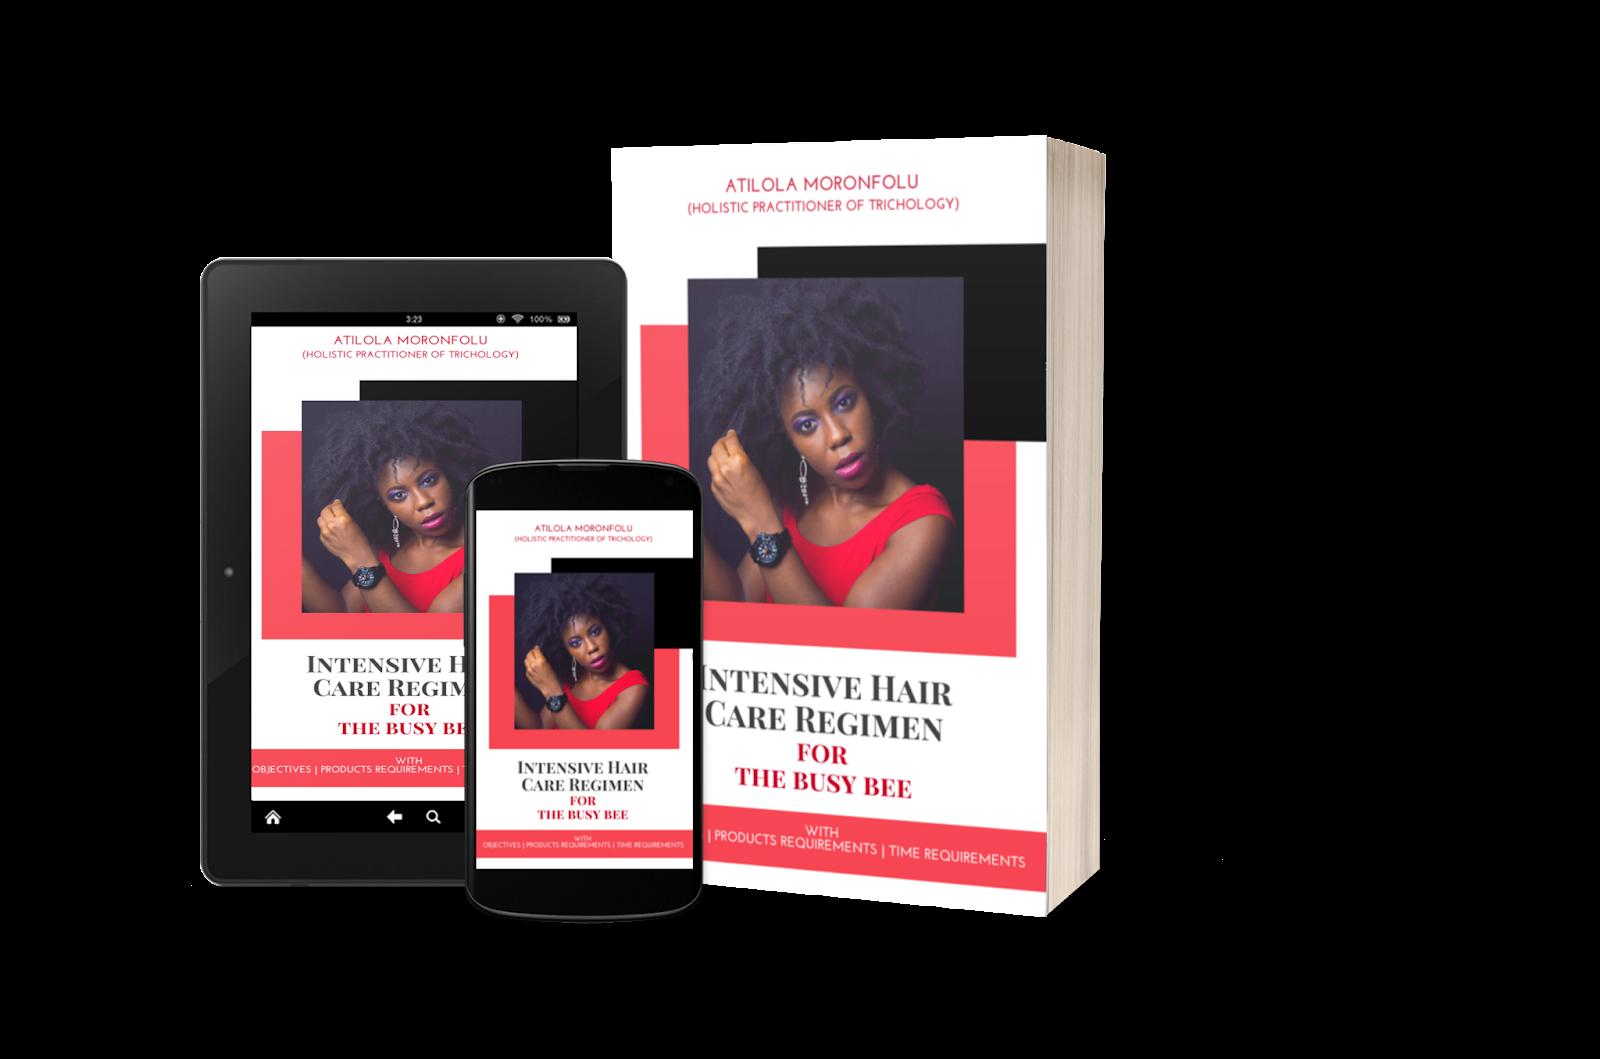 Get your Intensive Hair Care Regimen